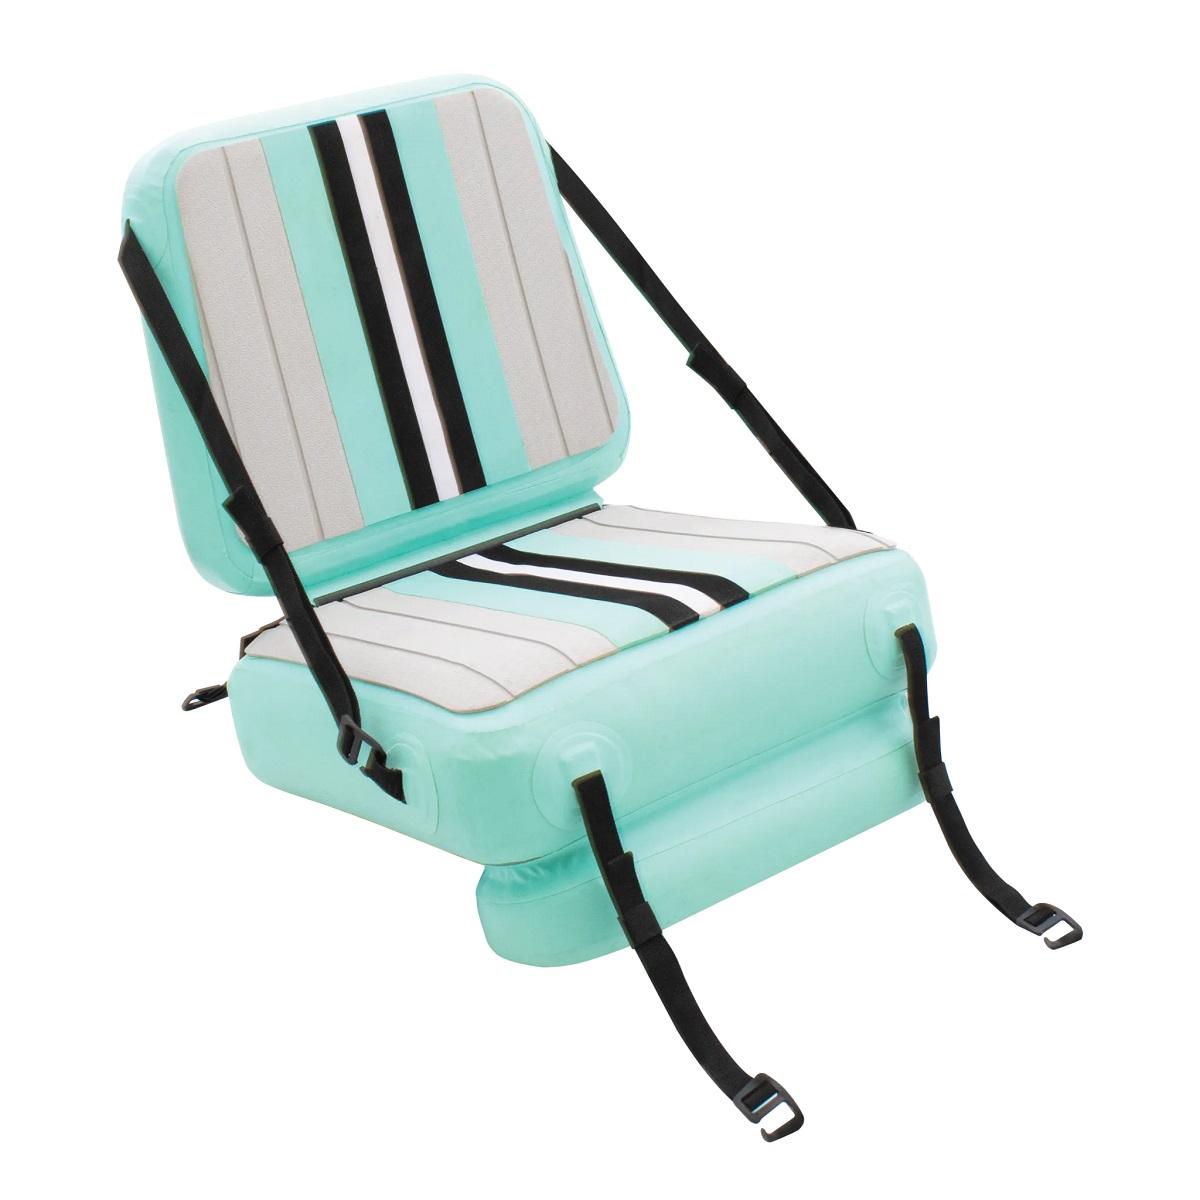 BOTE Aero Paddle Seat - P1